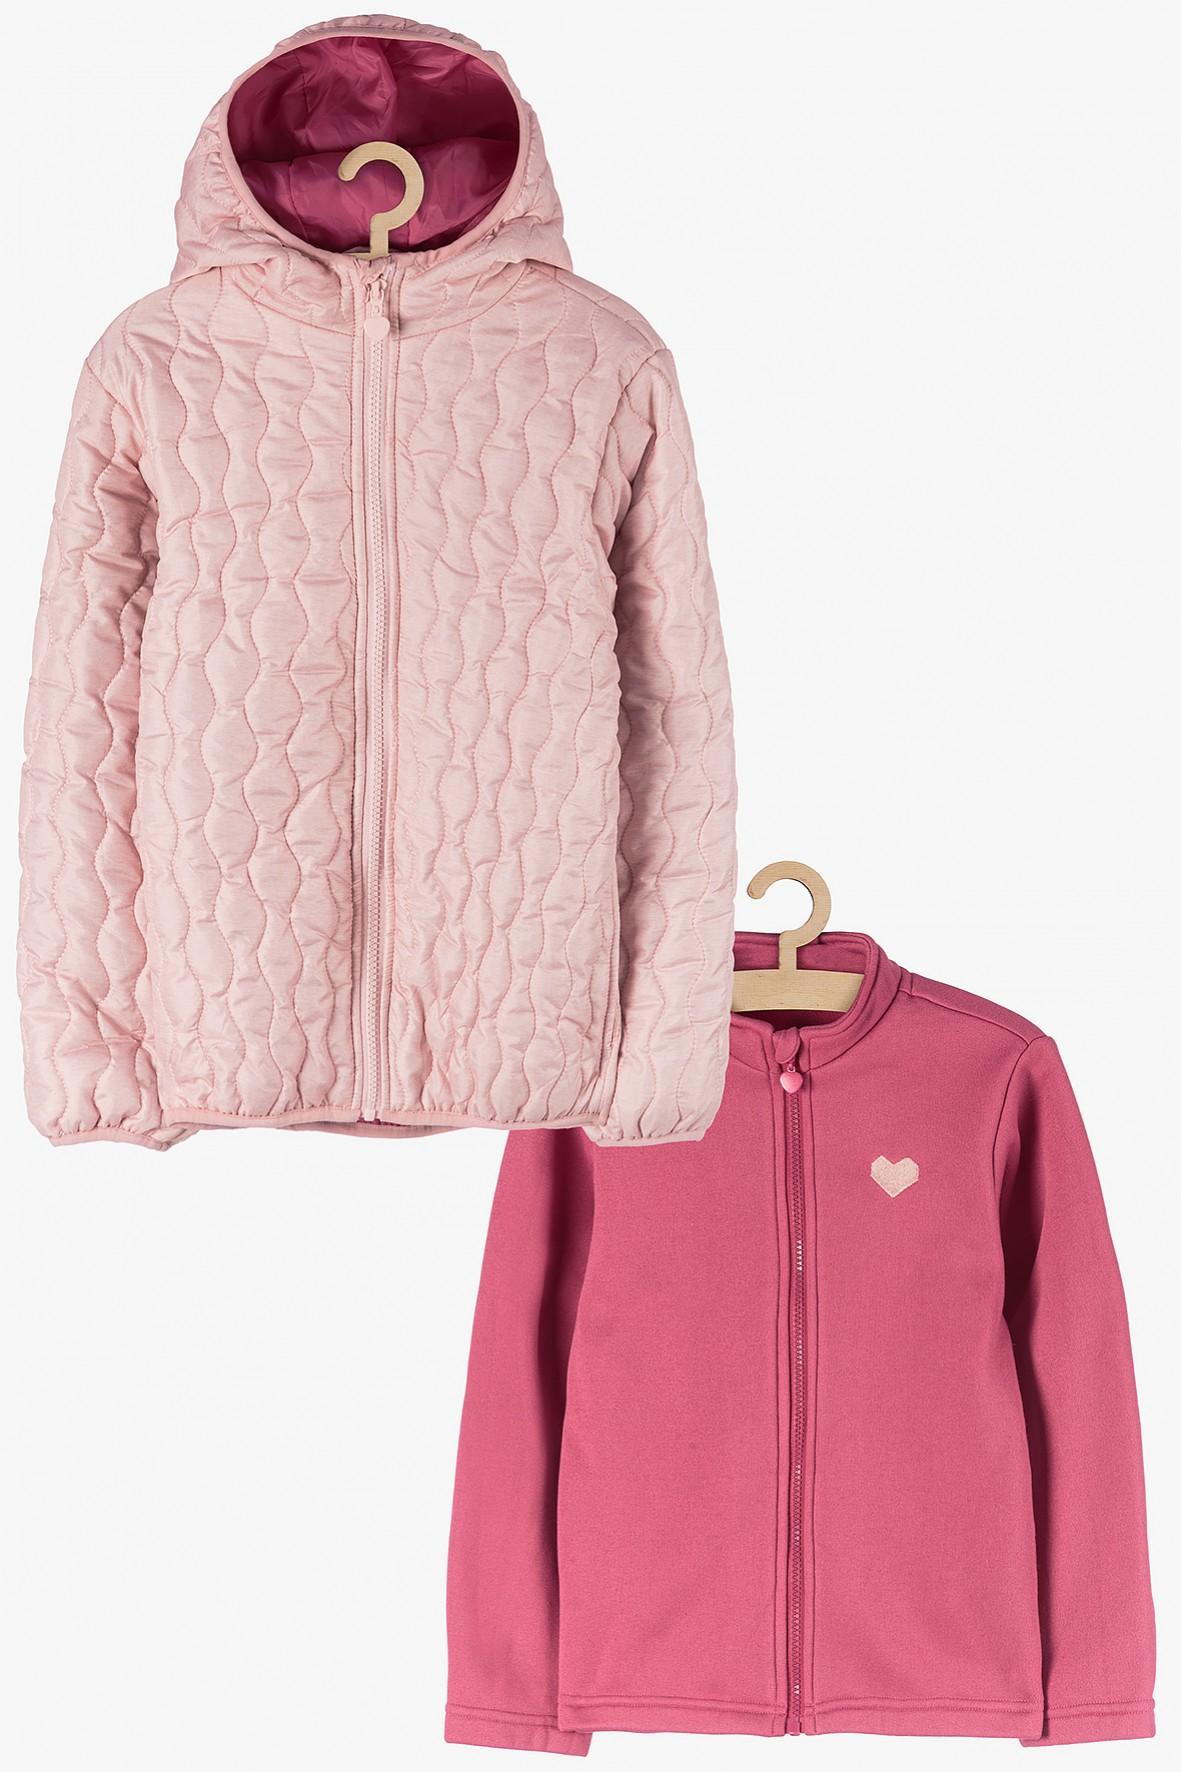 Kurtka dla dziewczynki 3w1 różowa z odpinaną bluzą